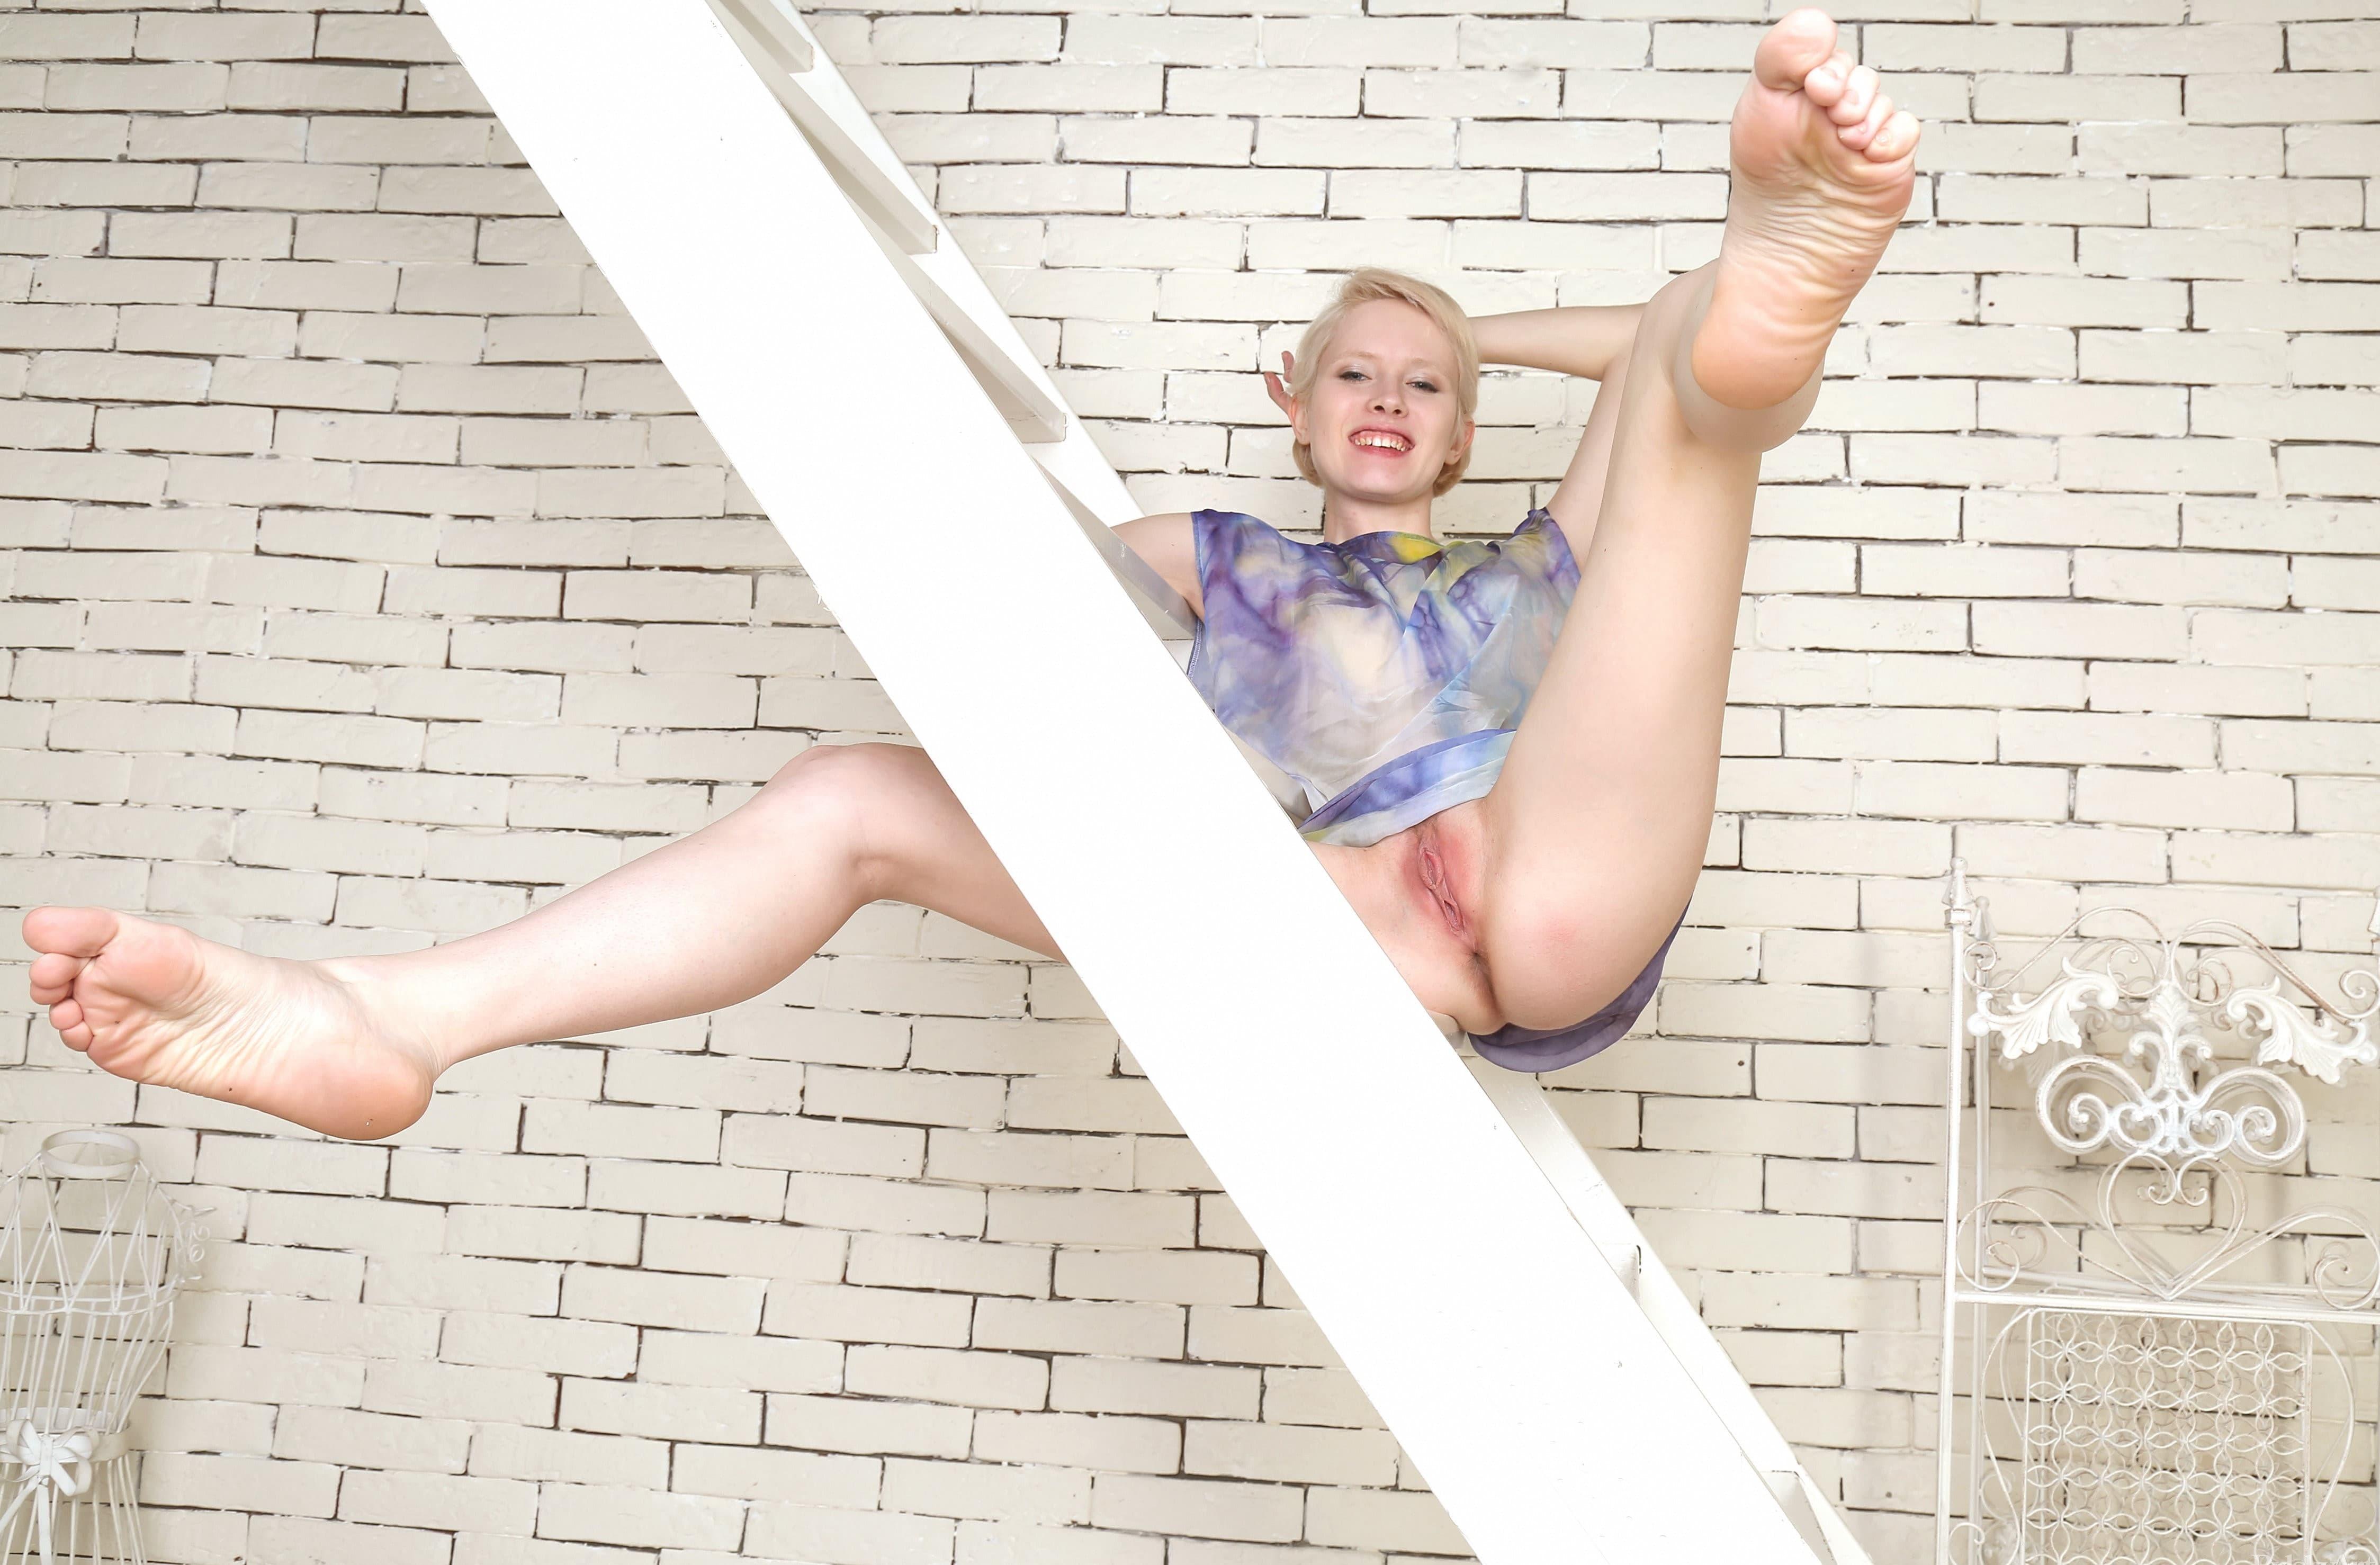 Блондинка с короткой стрижкой и голой киской - фото